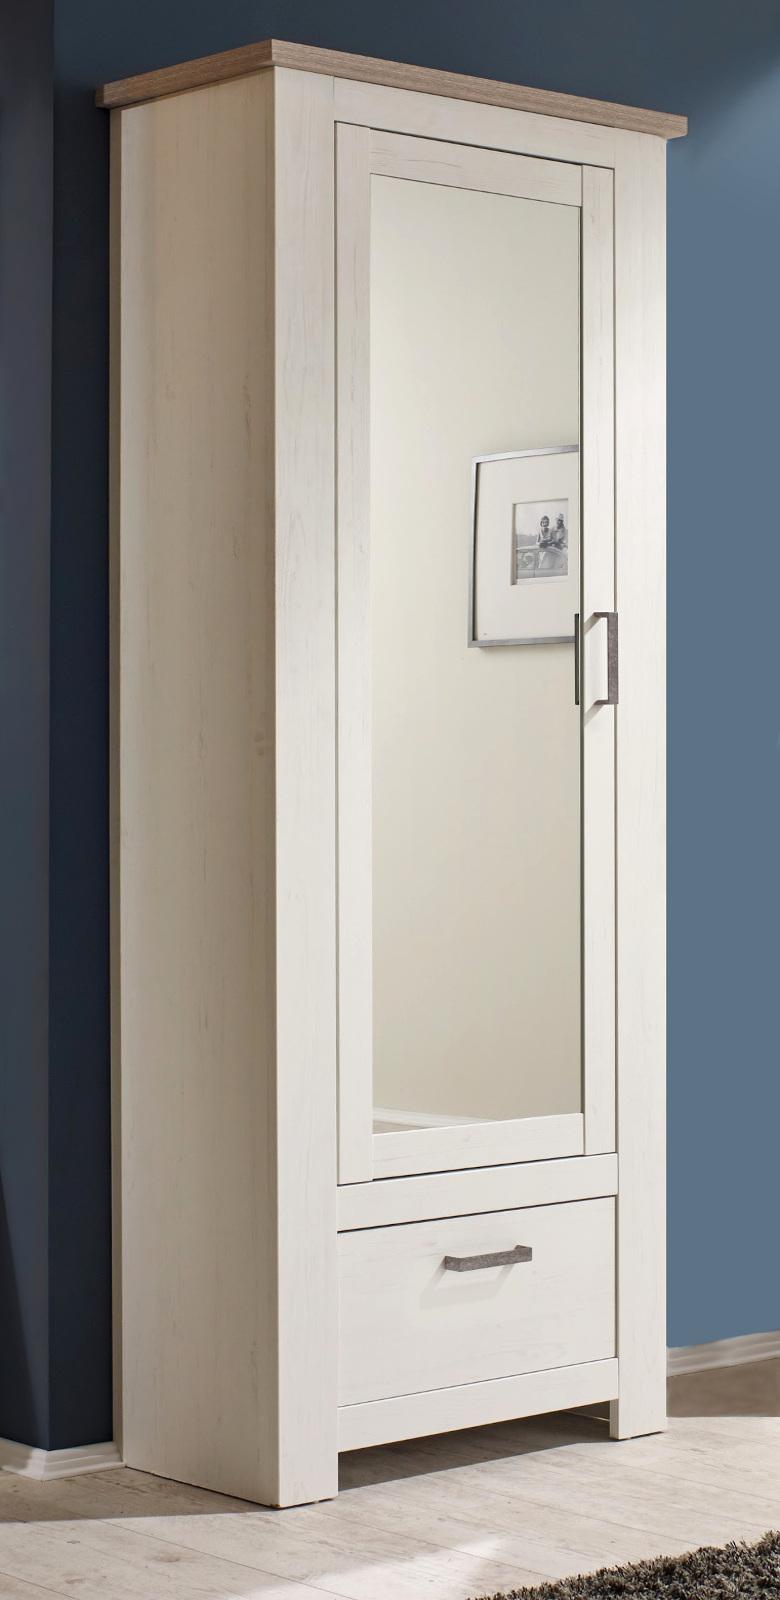 Spiegelschrank Garderobe Lotte Pinie Struktur weiß